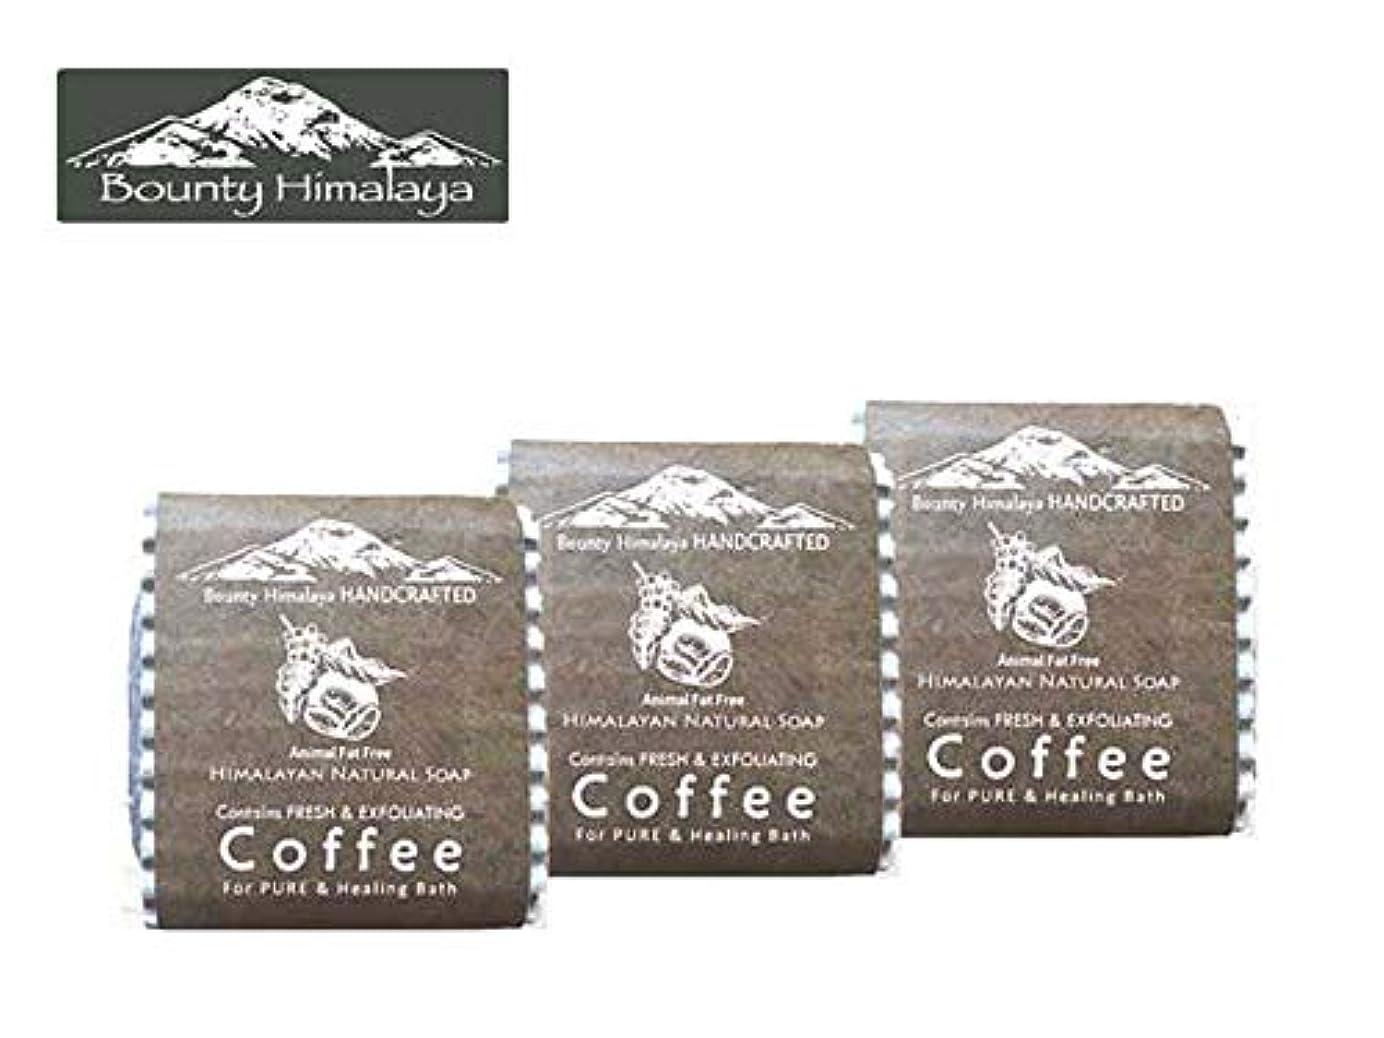 実験室焼く論争の的アーユルヴェーダ ヒマラヤ コーヒー ソープ3セット Bounty Himalaya Coffee SOAP(NEPAL AYURVEDA) 100g